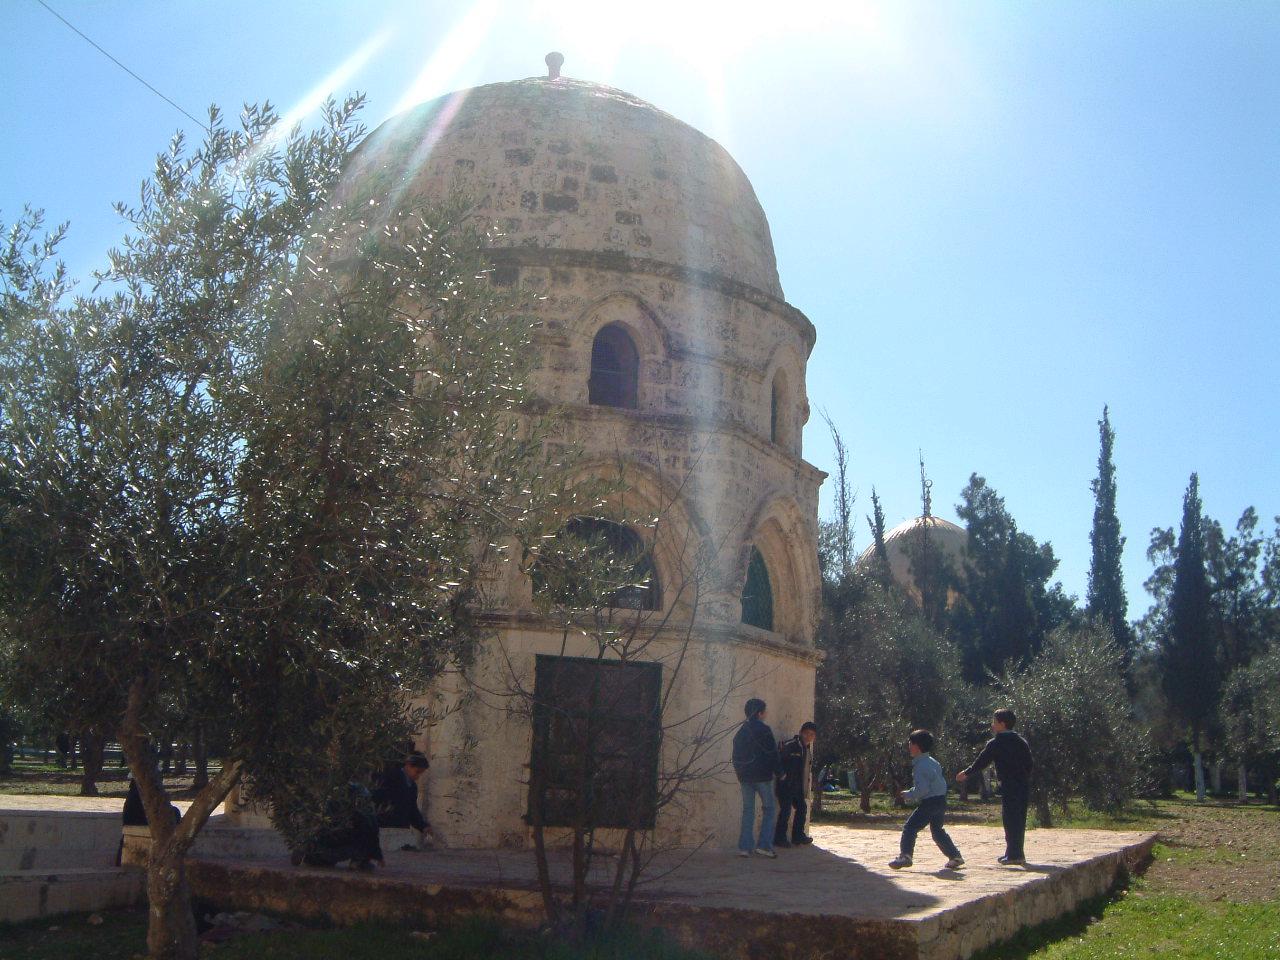 مصلى البراق وهو جزء من المسجد الأقصى